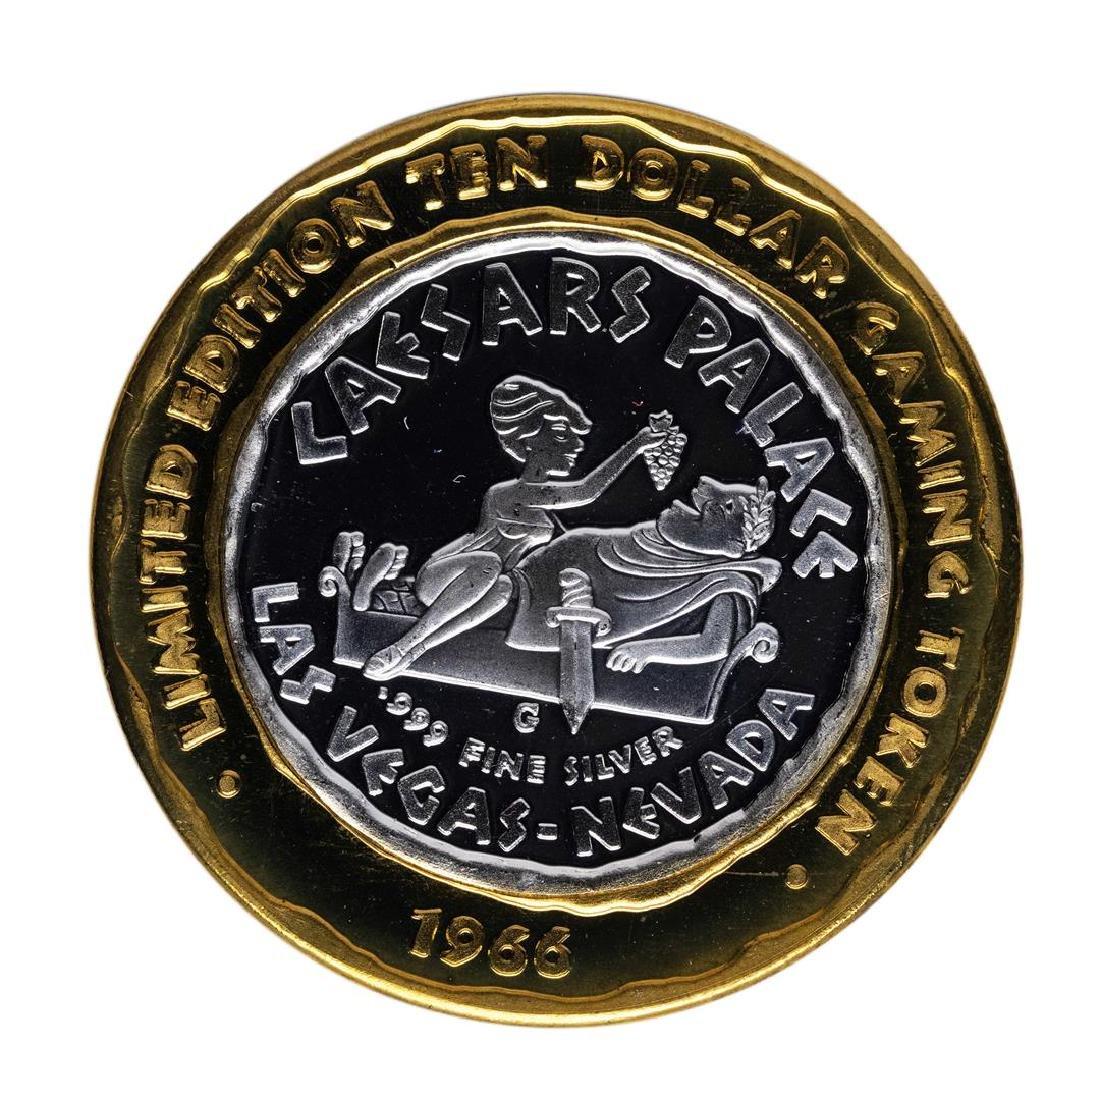 .999 Silver Caesars Palace Las Vegas, Nevada $10 Casino